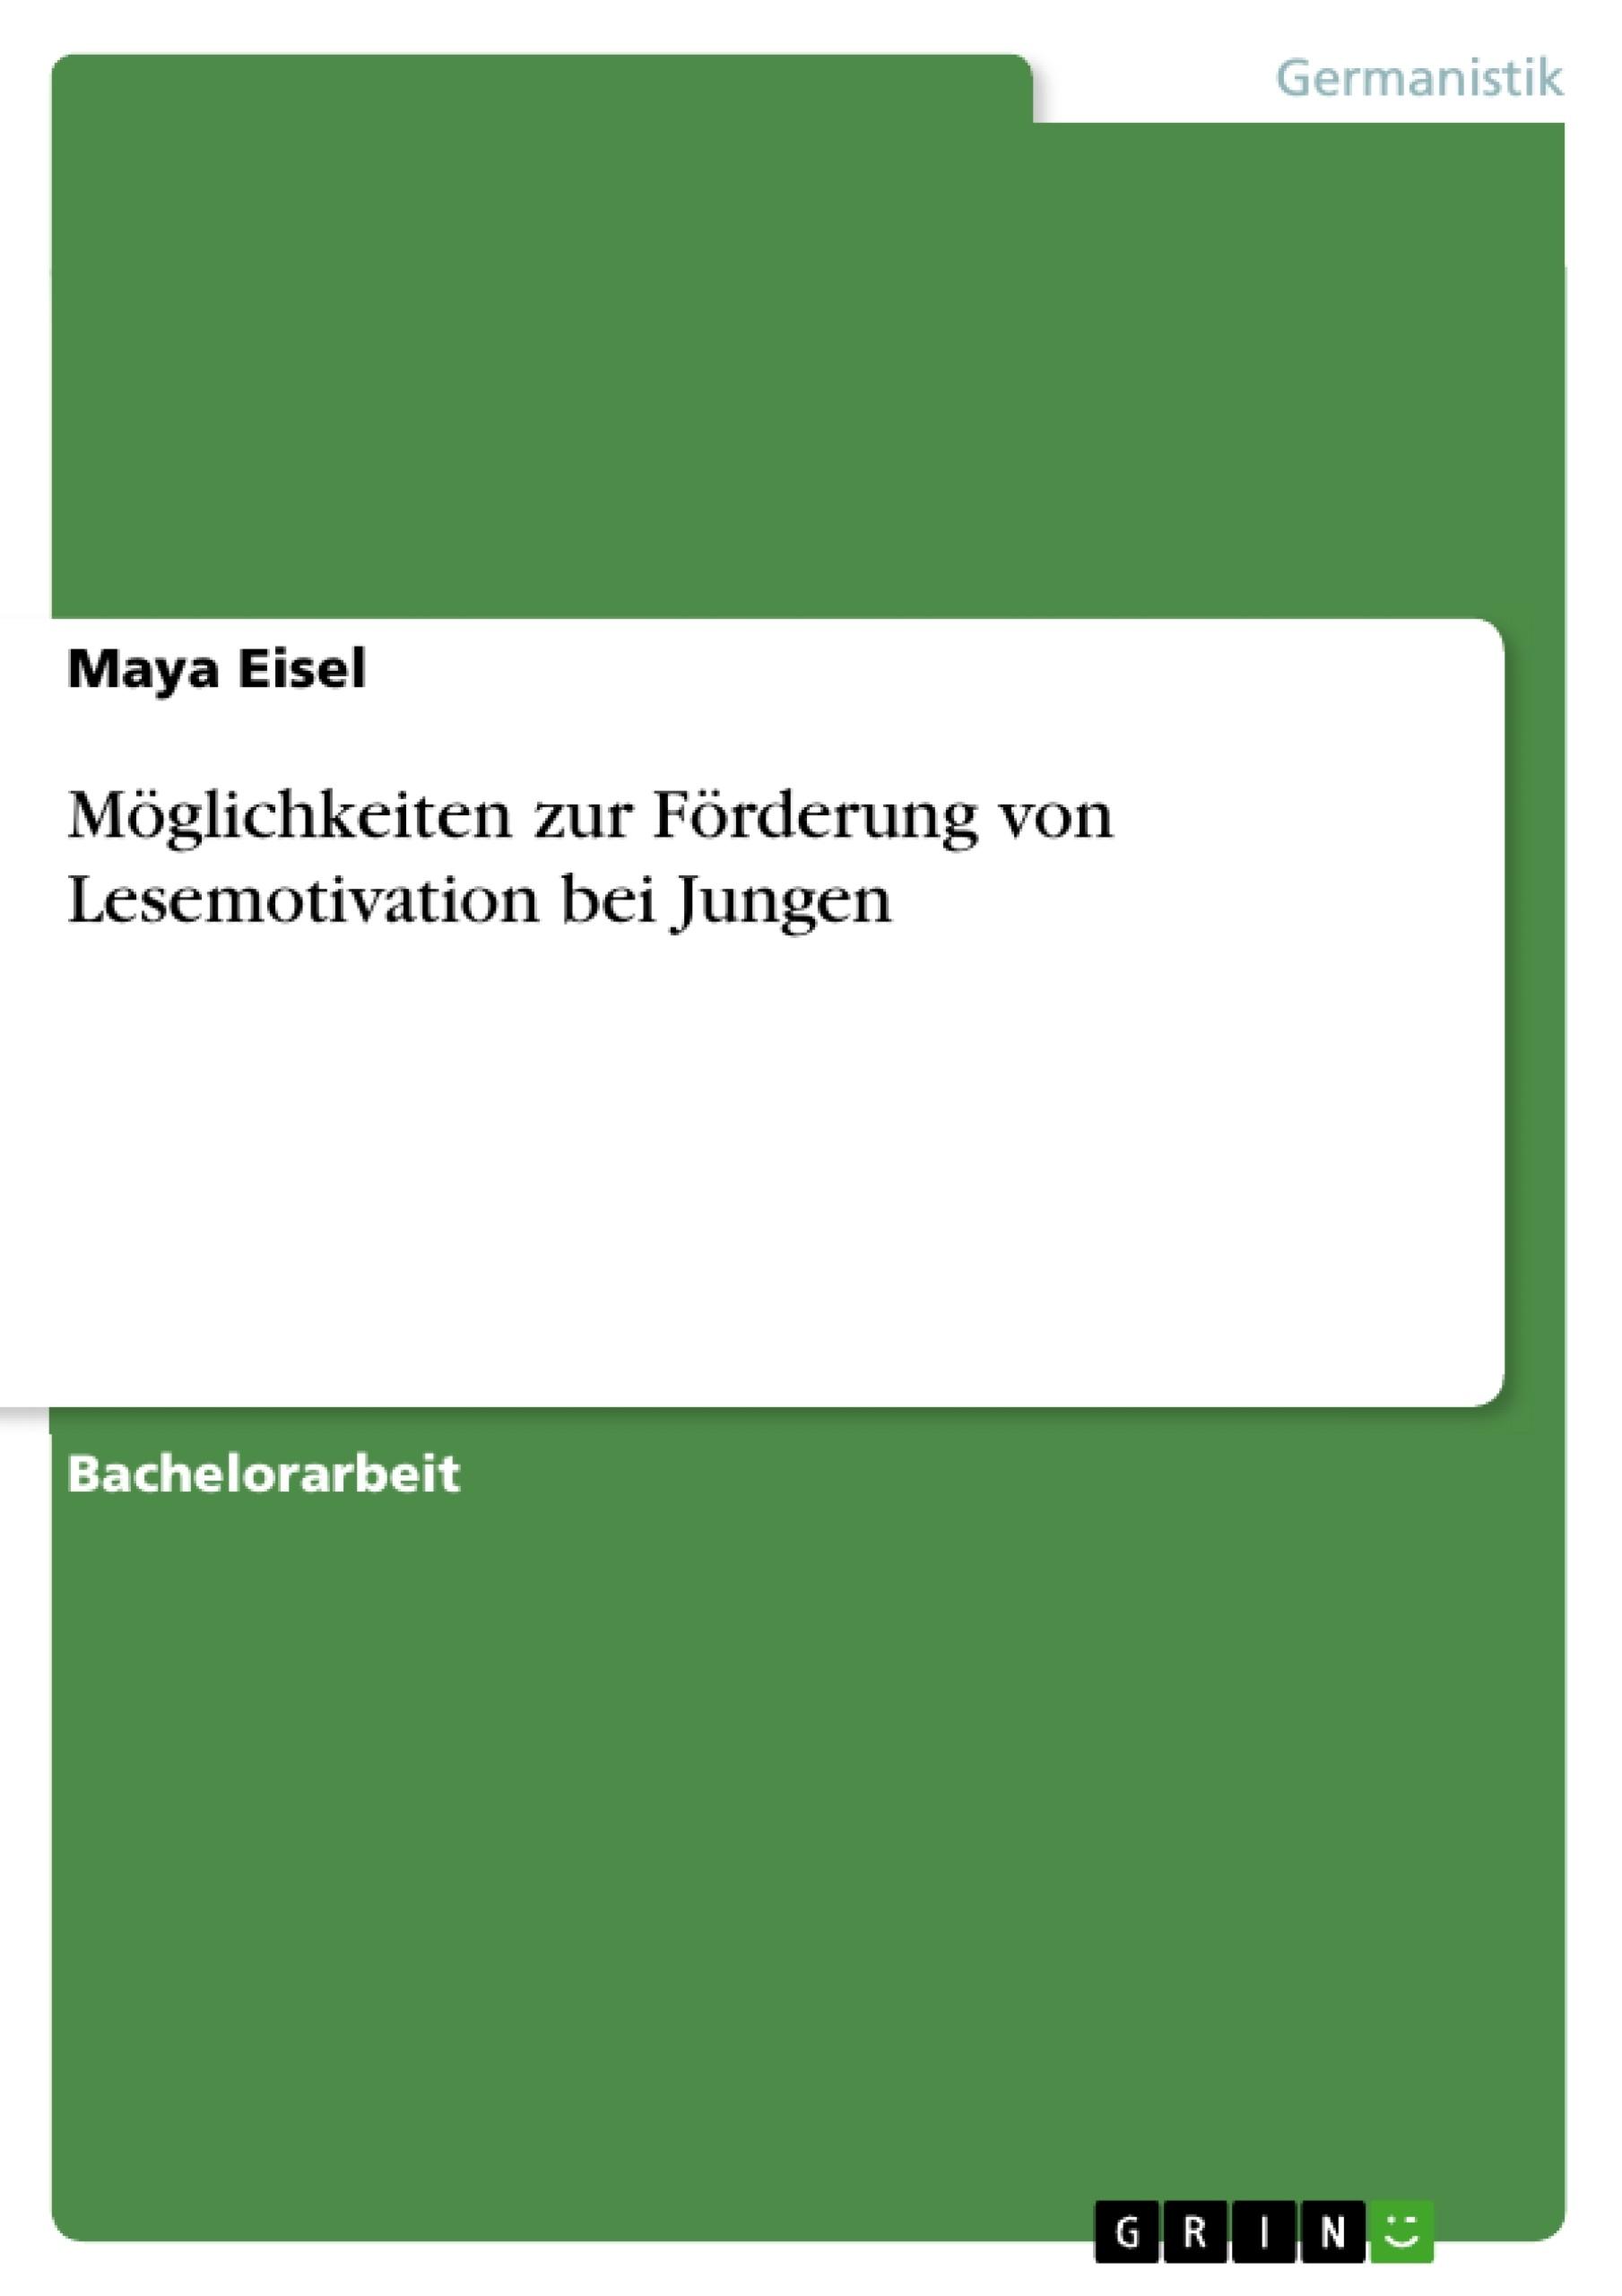 Titel: Möglichkeiten zur Förderung von Lesemotivation bei Jungen